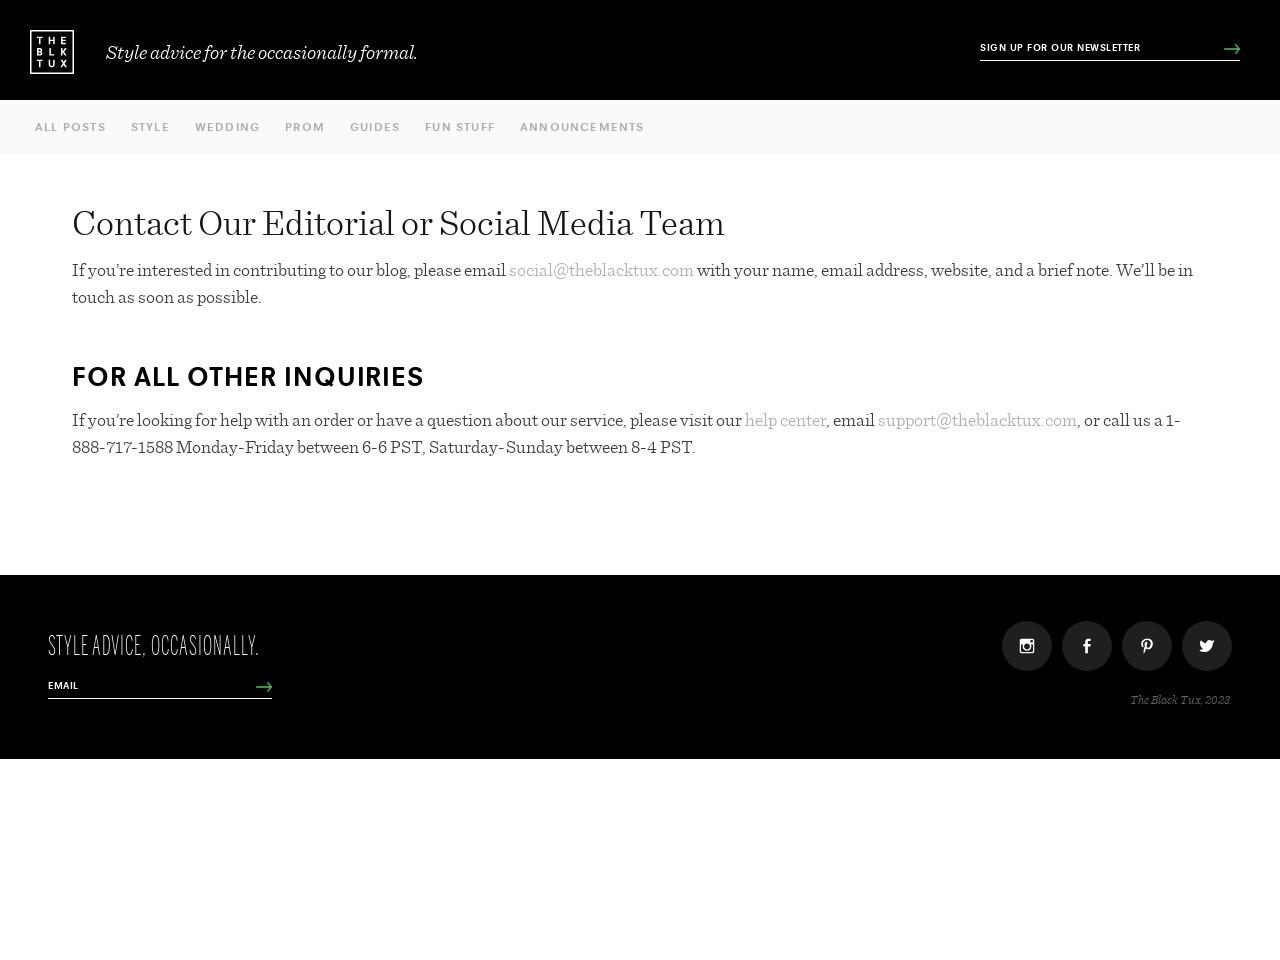 Editorial & Social Media Contact   The Black Tux Blog